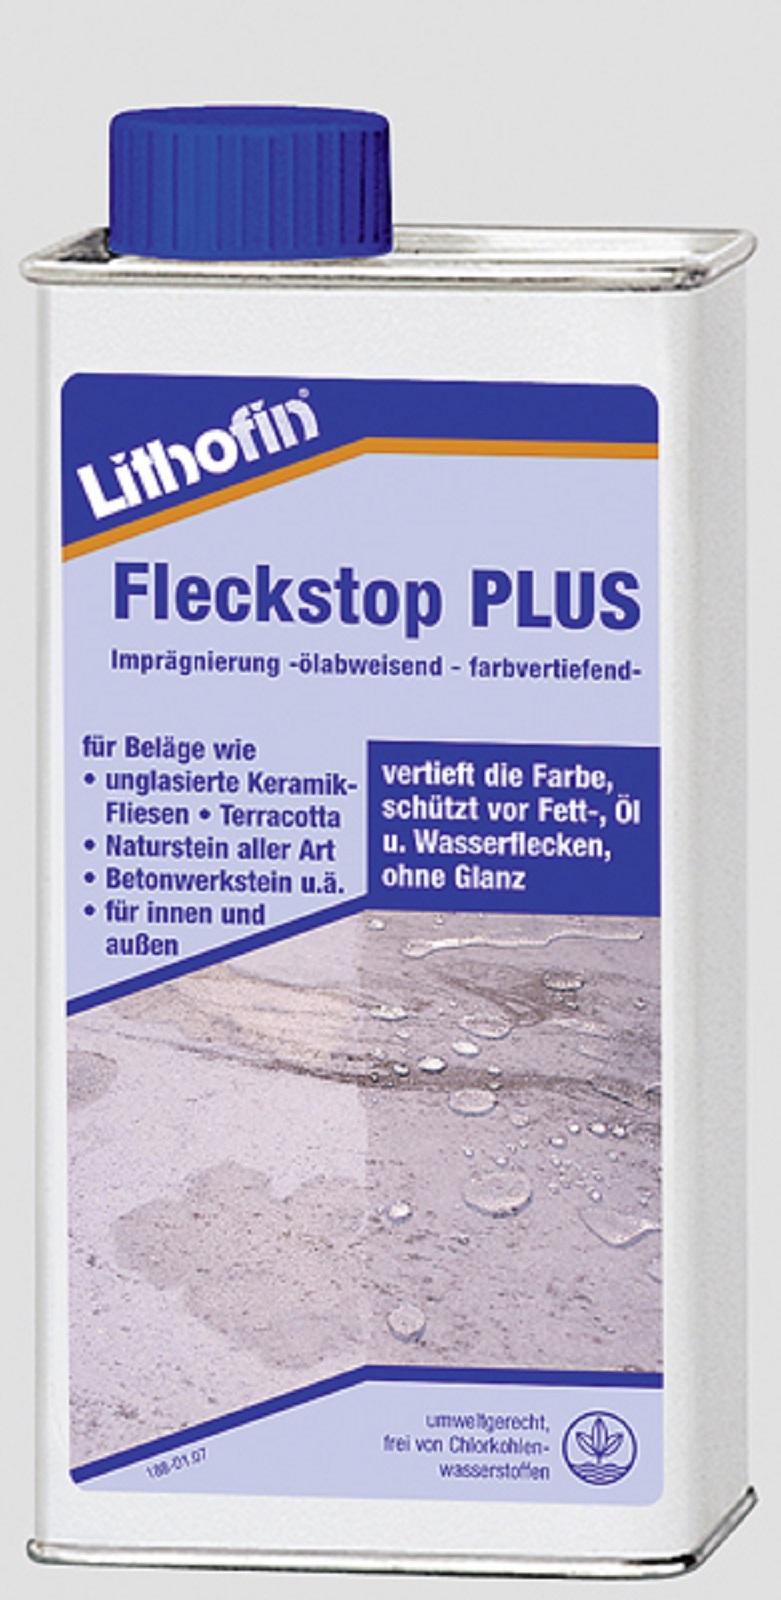 Lithofin Fleckstop Plus 1 L